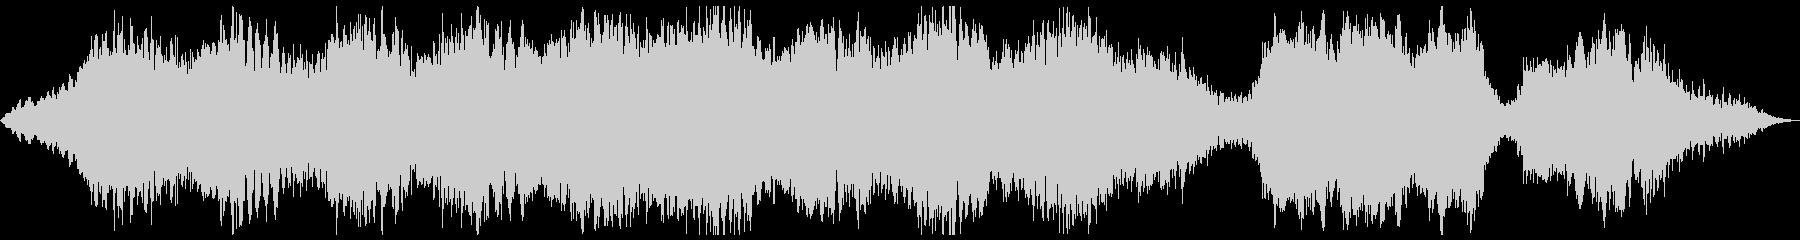 挑発的な東洋色のチェロラインは、こ...の未再生の波形